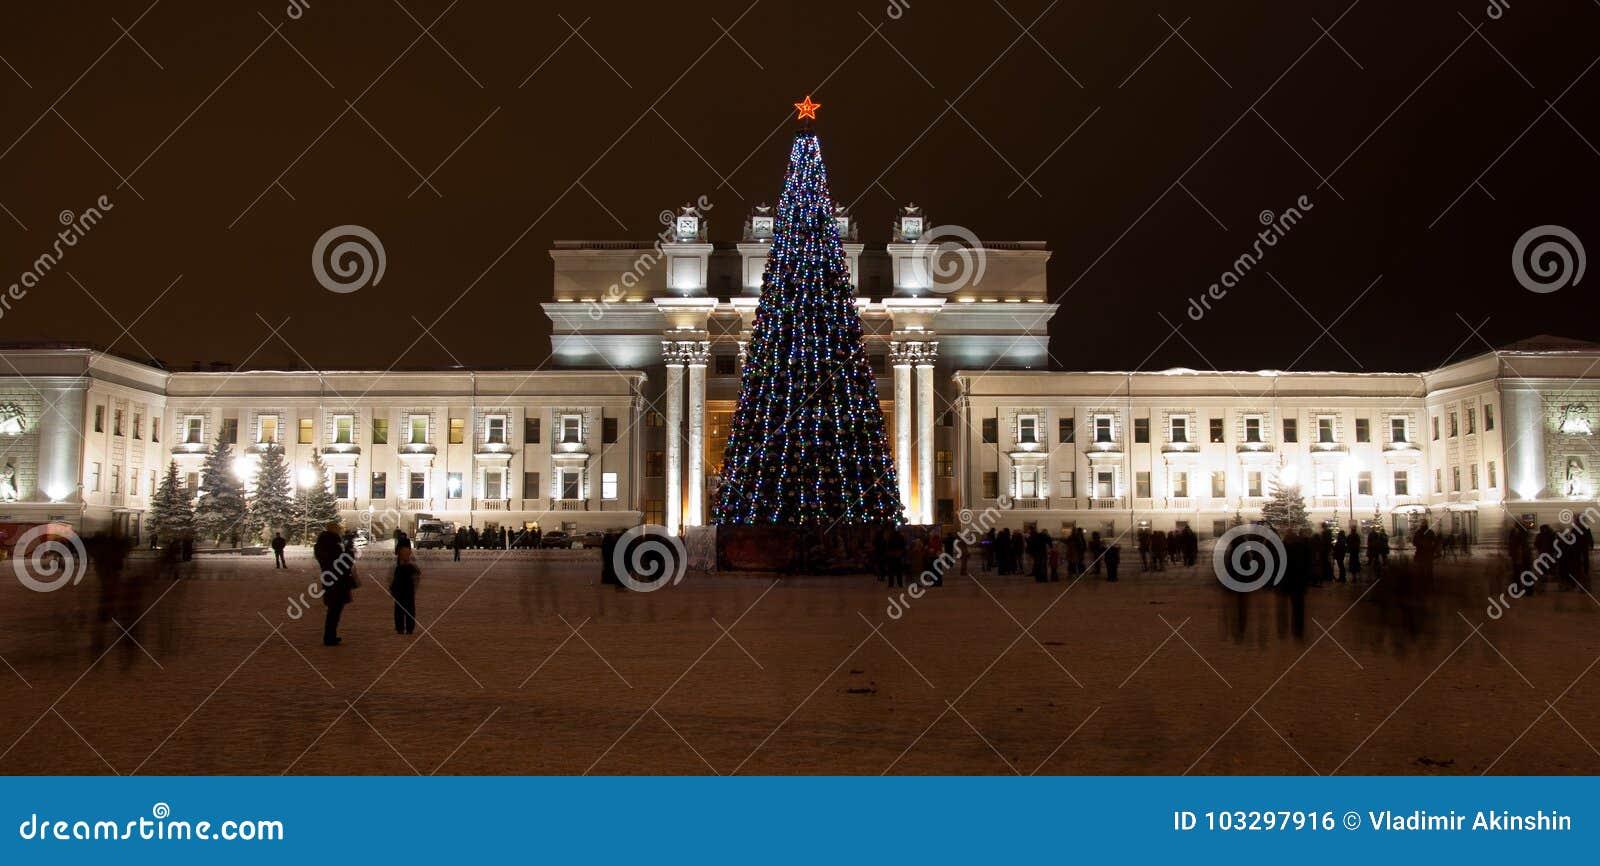 δεμένη όψη σκαφών λιμένων νύχτας Η ακαδημαϊκά όπερα της Samara και το θέατρο μπαλέτου είναι ένα από τα μεγαλύτερα ρωσικά μουσικά